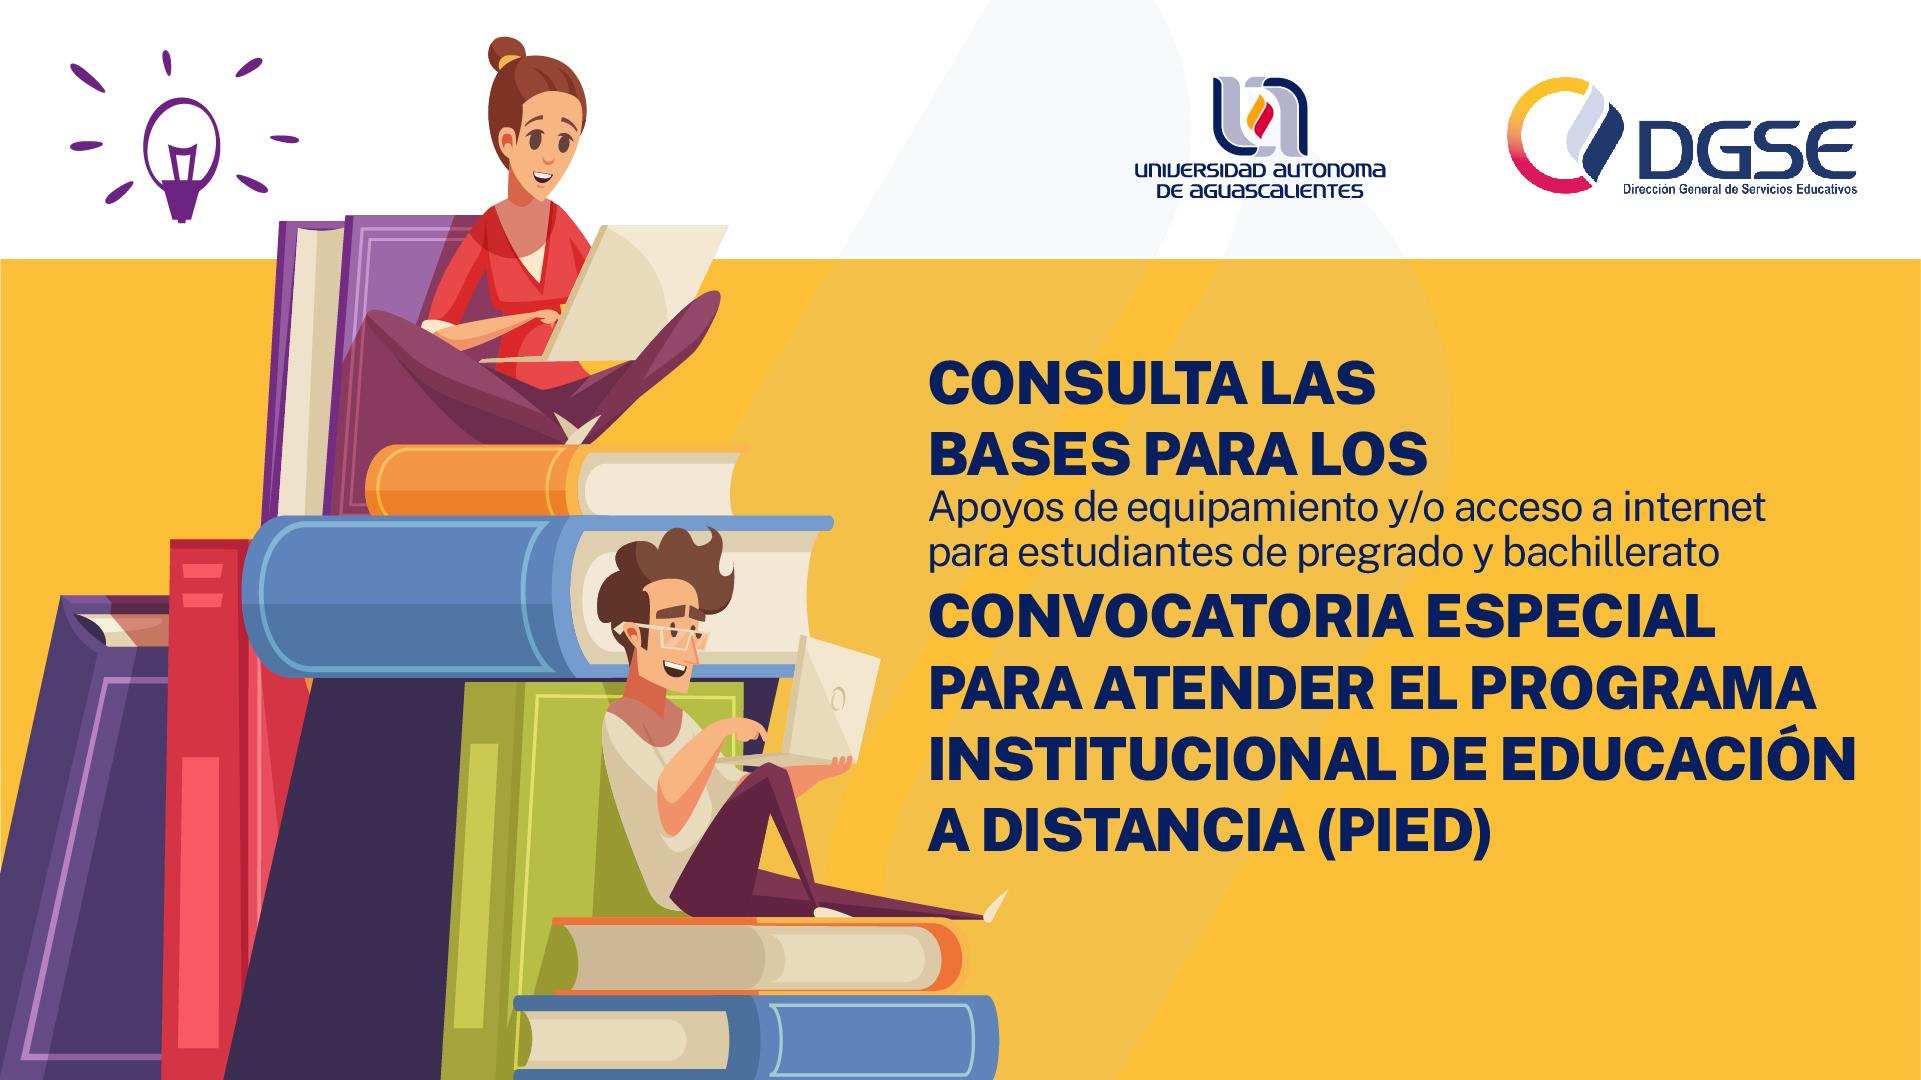 Programa Institucional de Educación a Distancia (PIED)